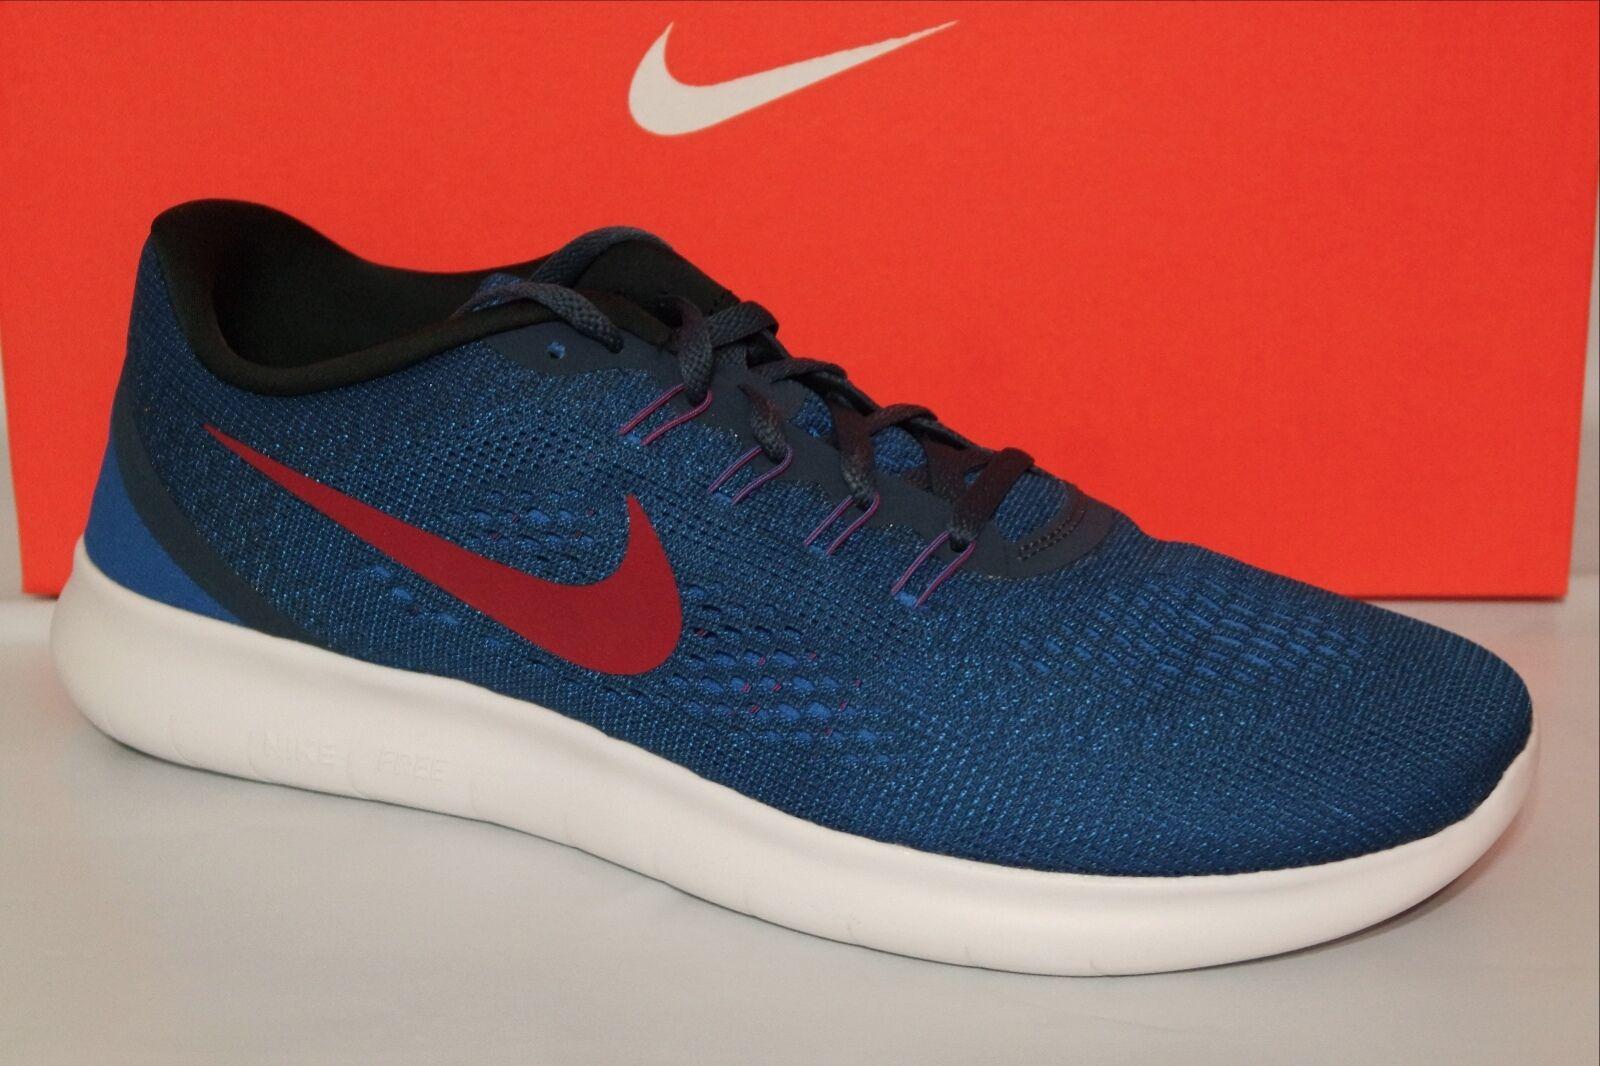 Nike libera rn uomini scarpe da corsa, blu / rosso / nero, palestra, 831508 406